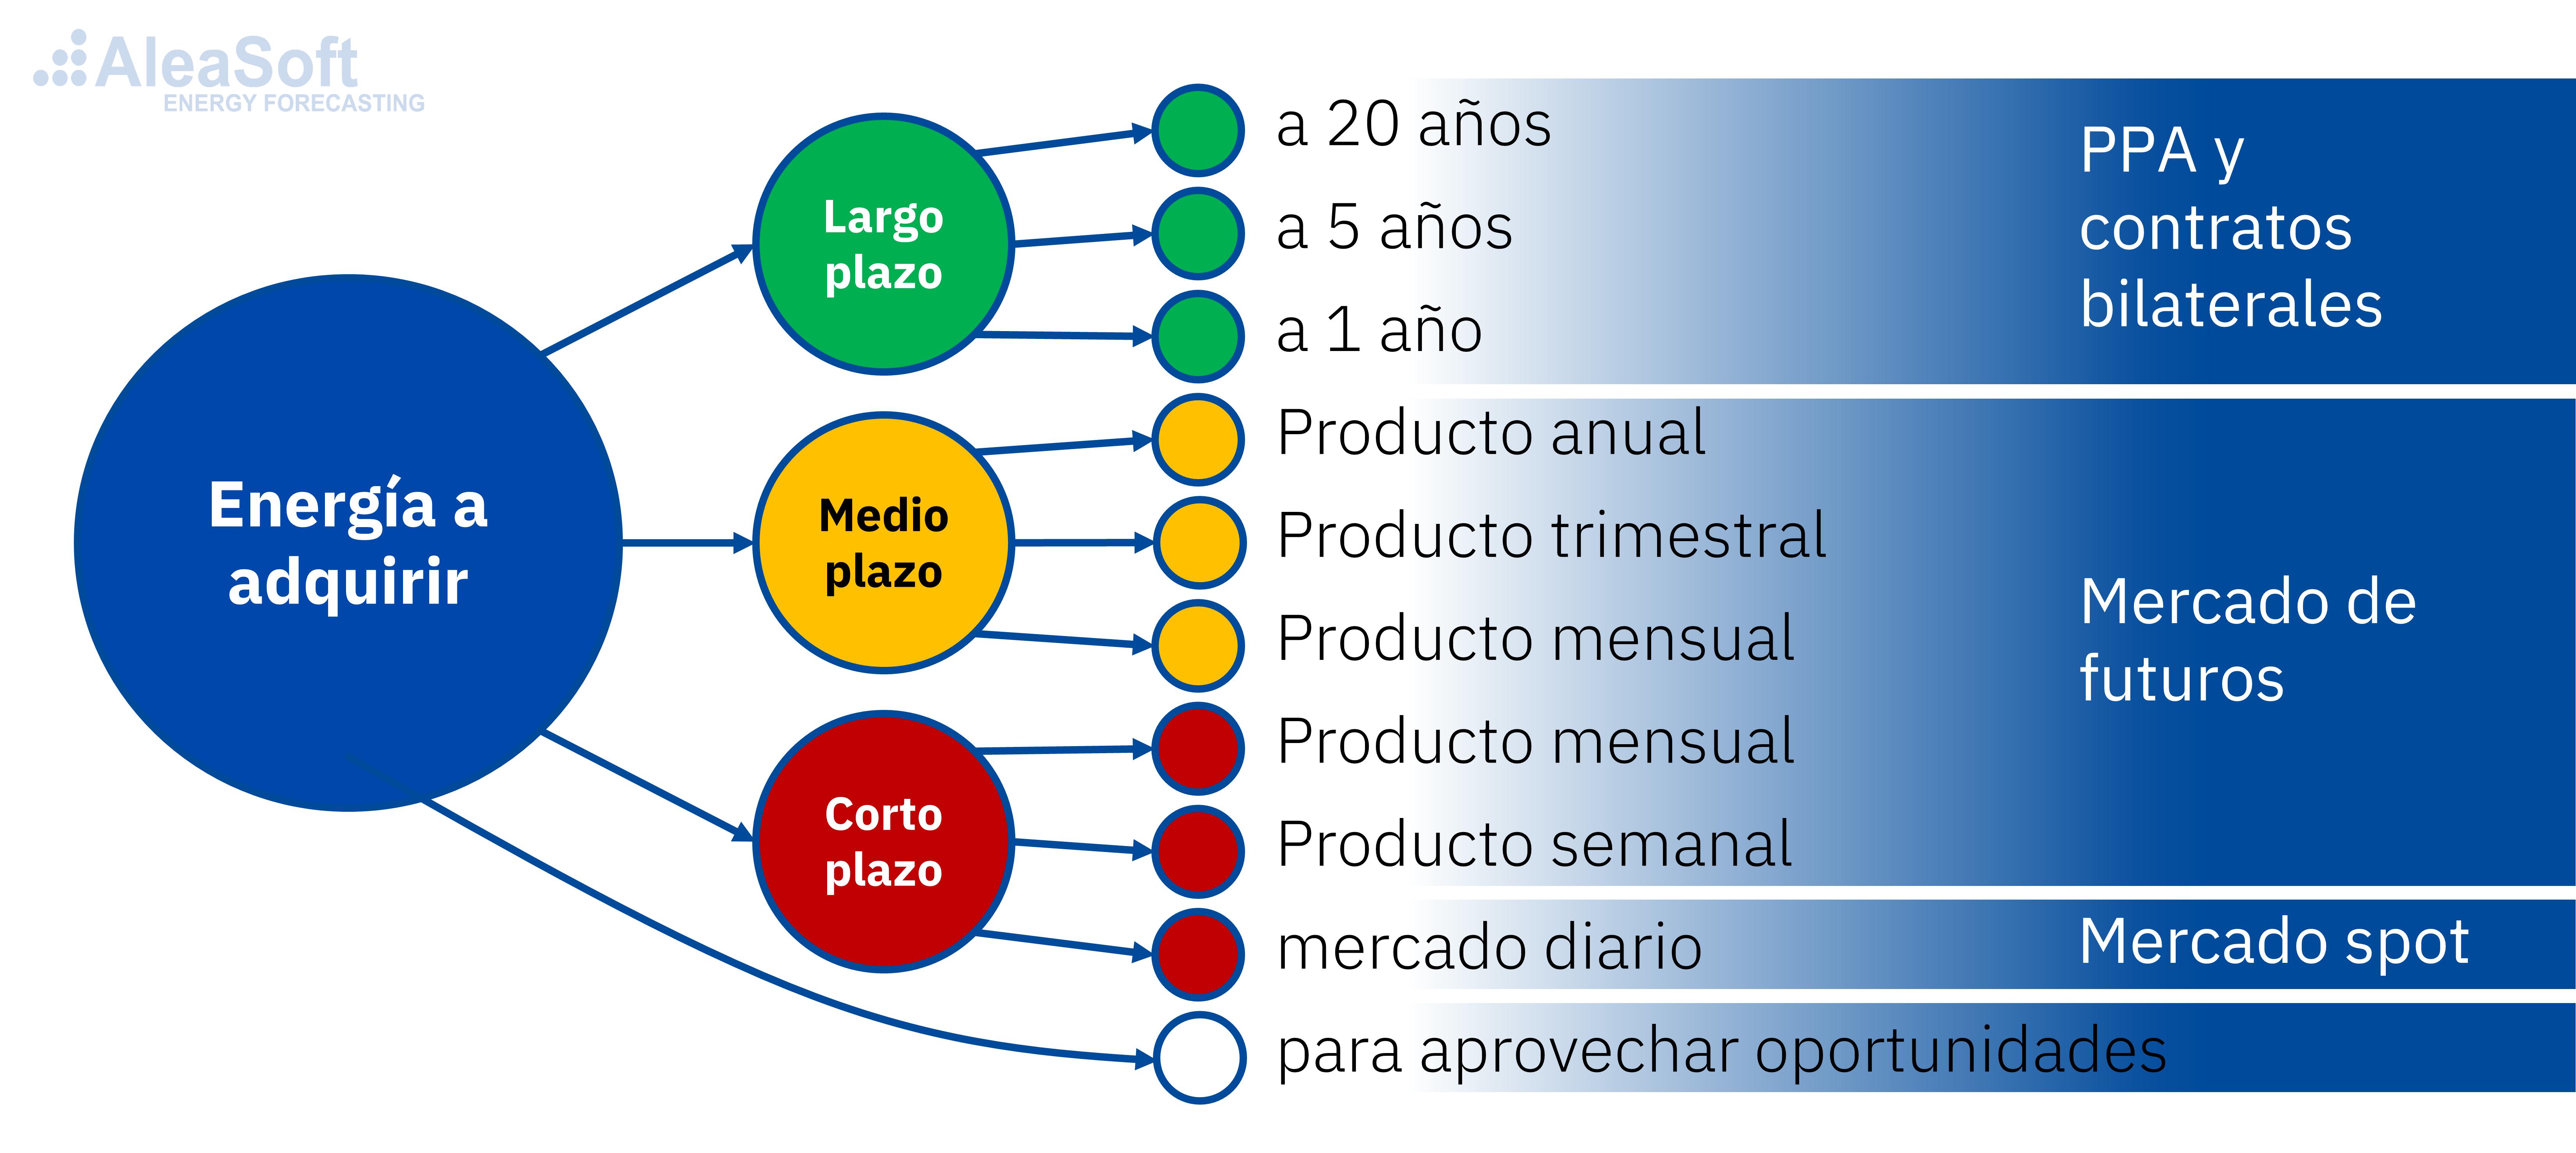 AleaSoft - Estrategia diversificacion compra energia electricidad